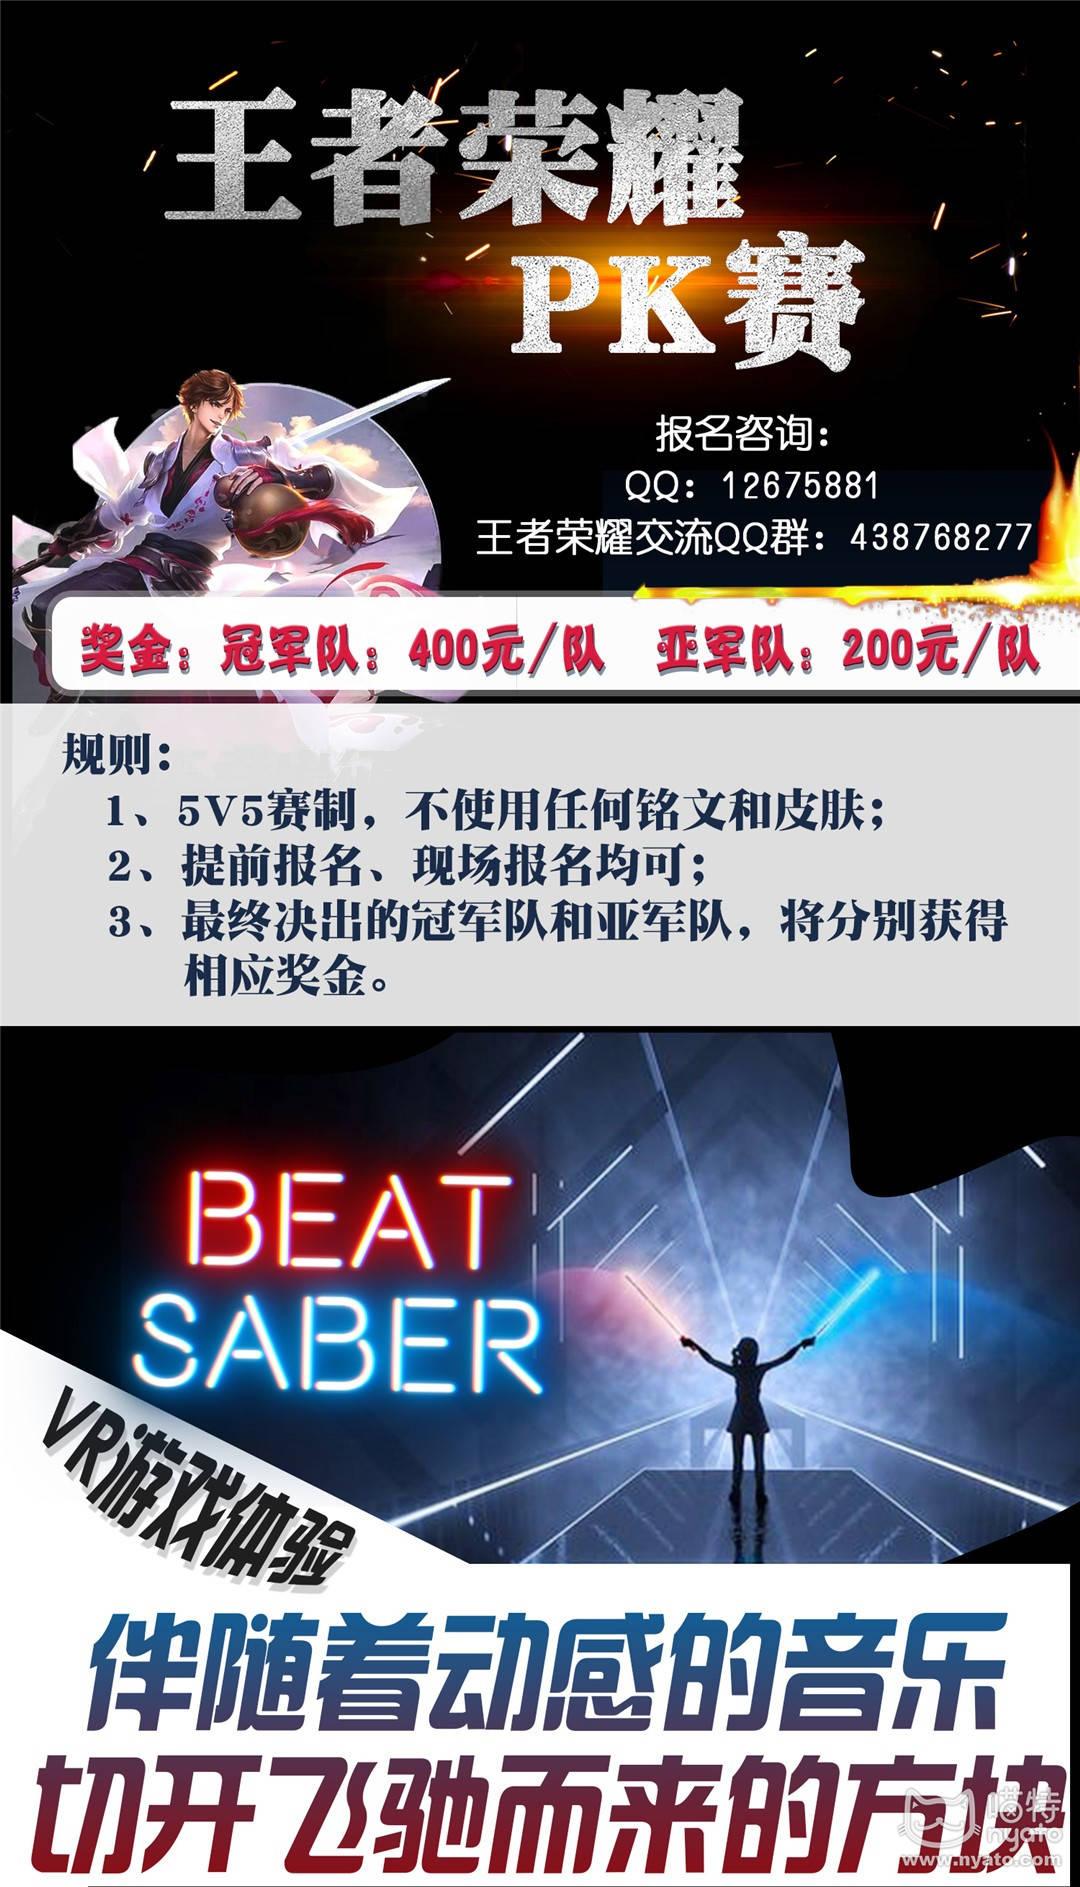 7.图七王者VR.jpg